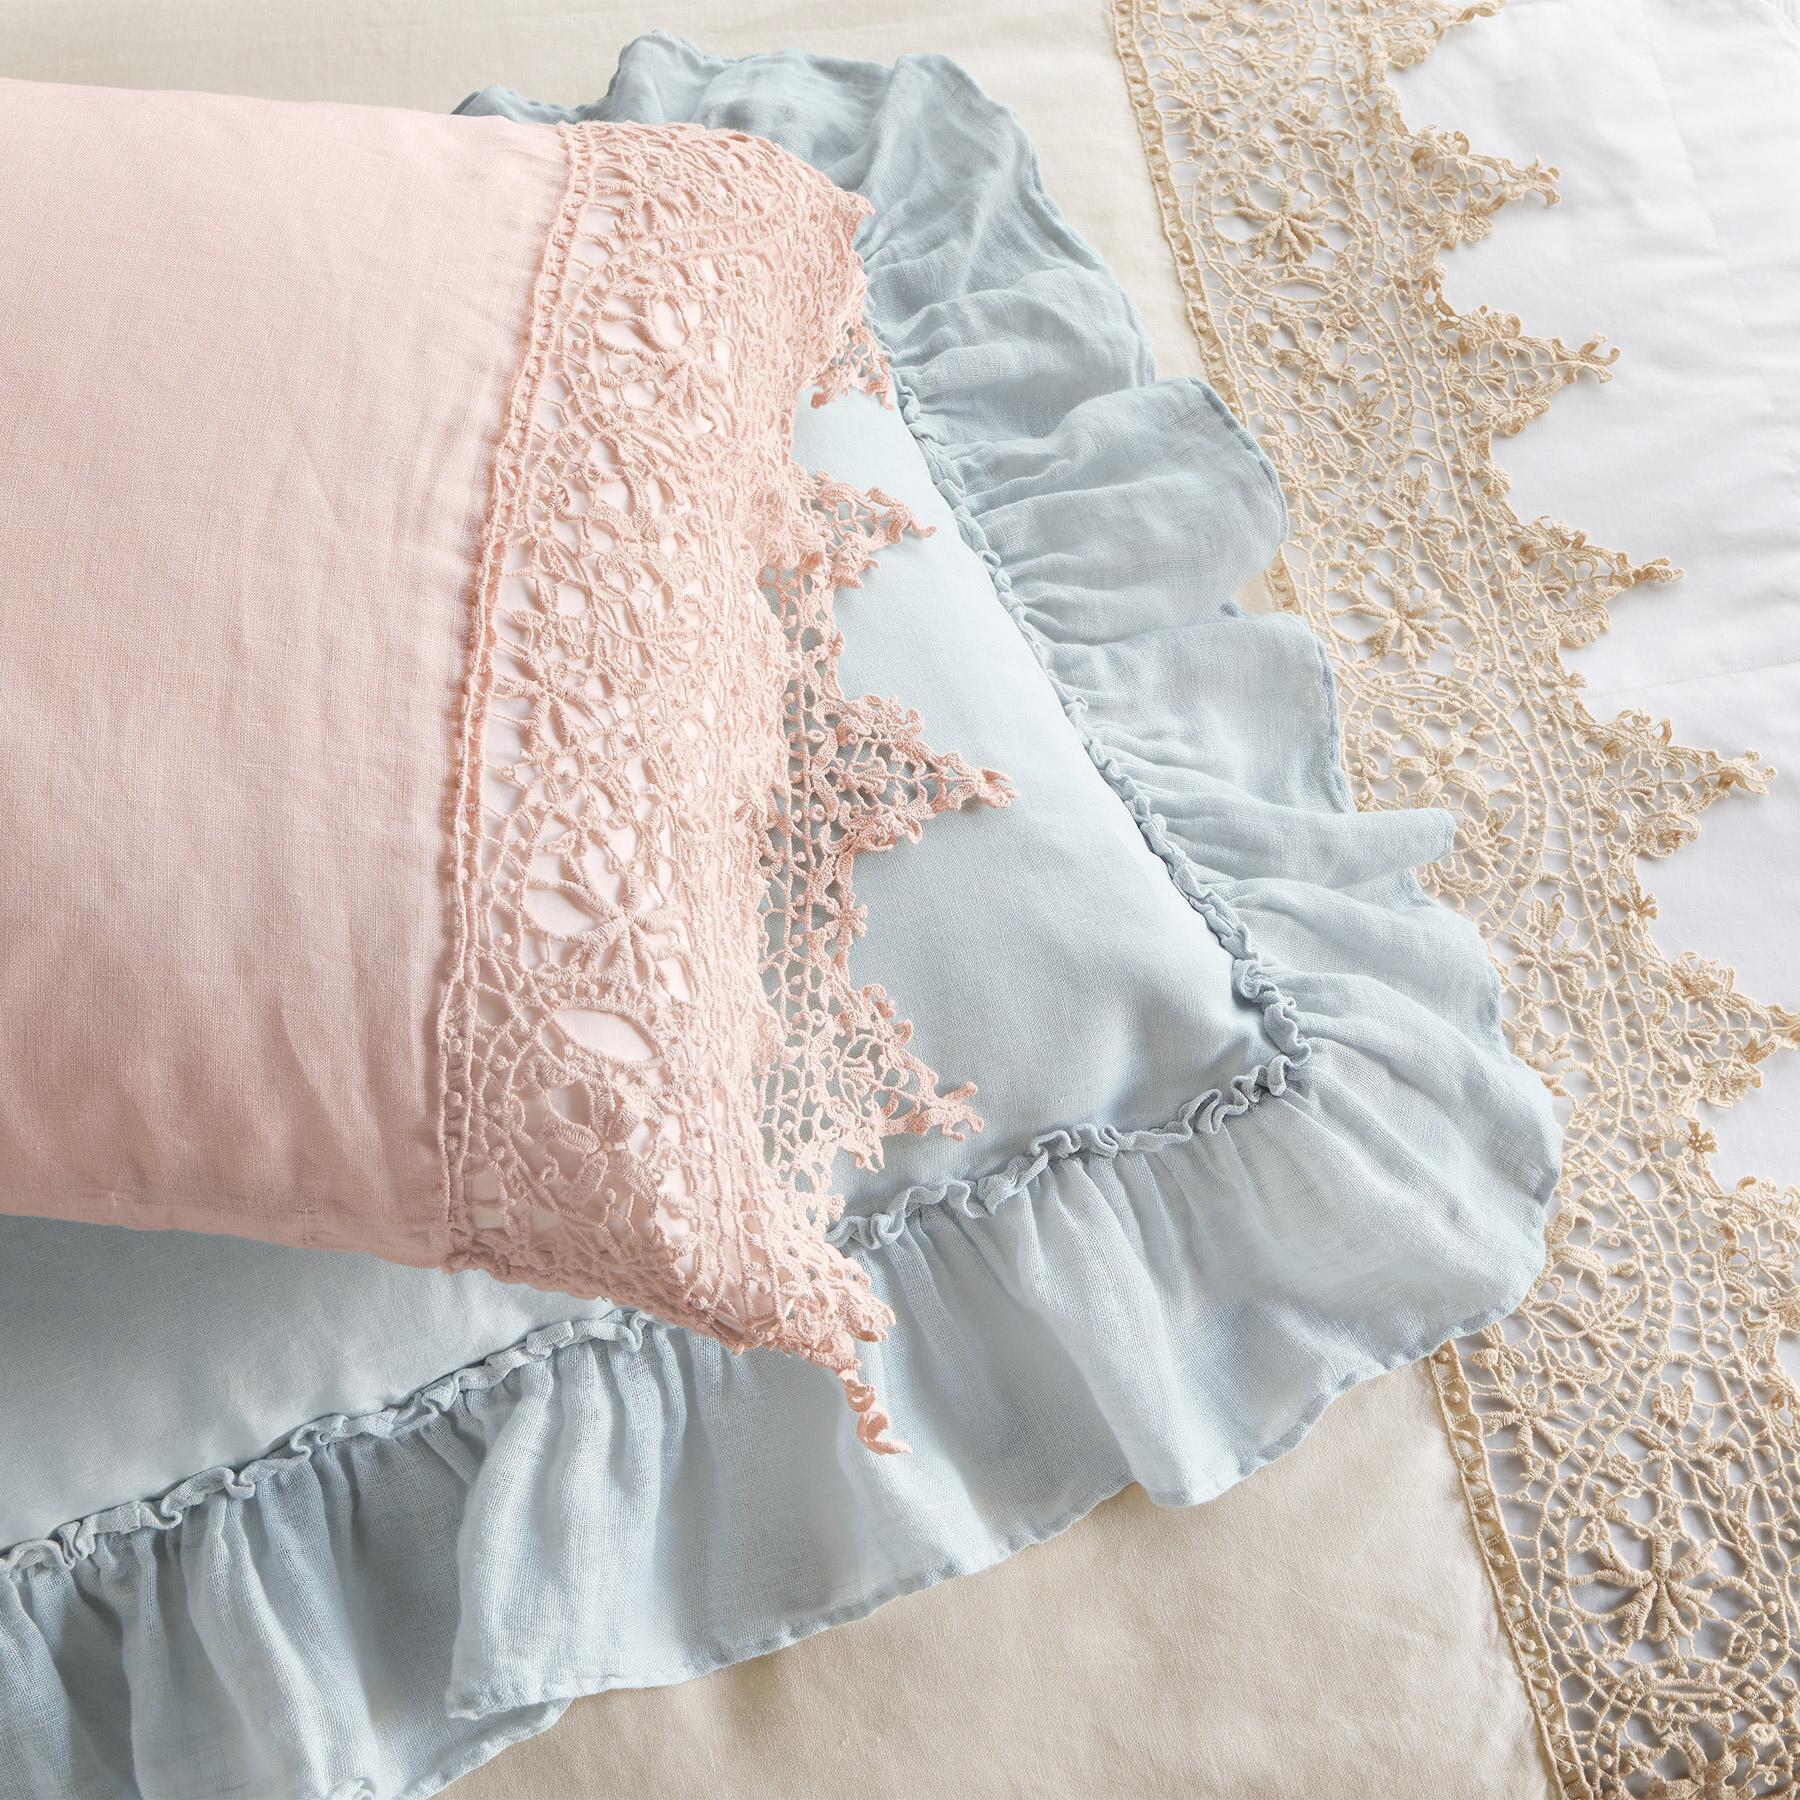 Gossamer Linen Lace Flat Sheet: View 2